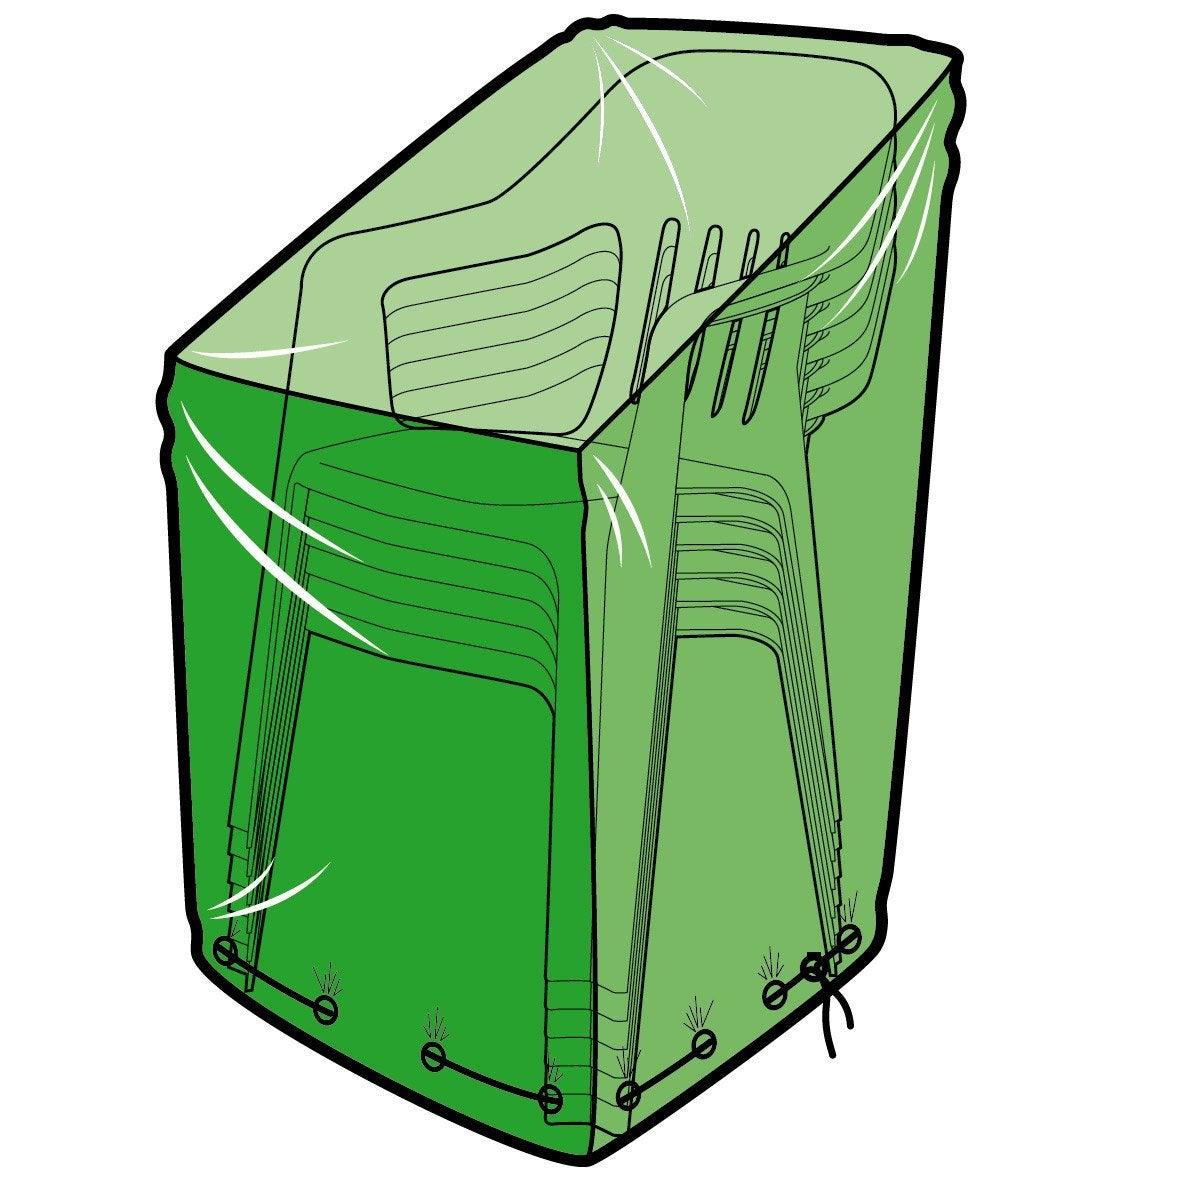 Housse de protection pour chaises x x cm for Housse de chaise largeur 50 cm